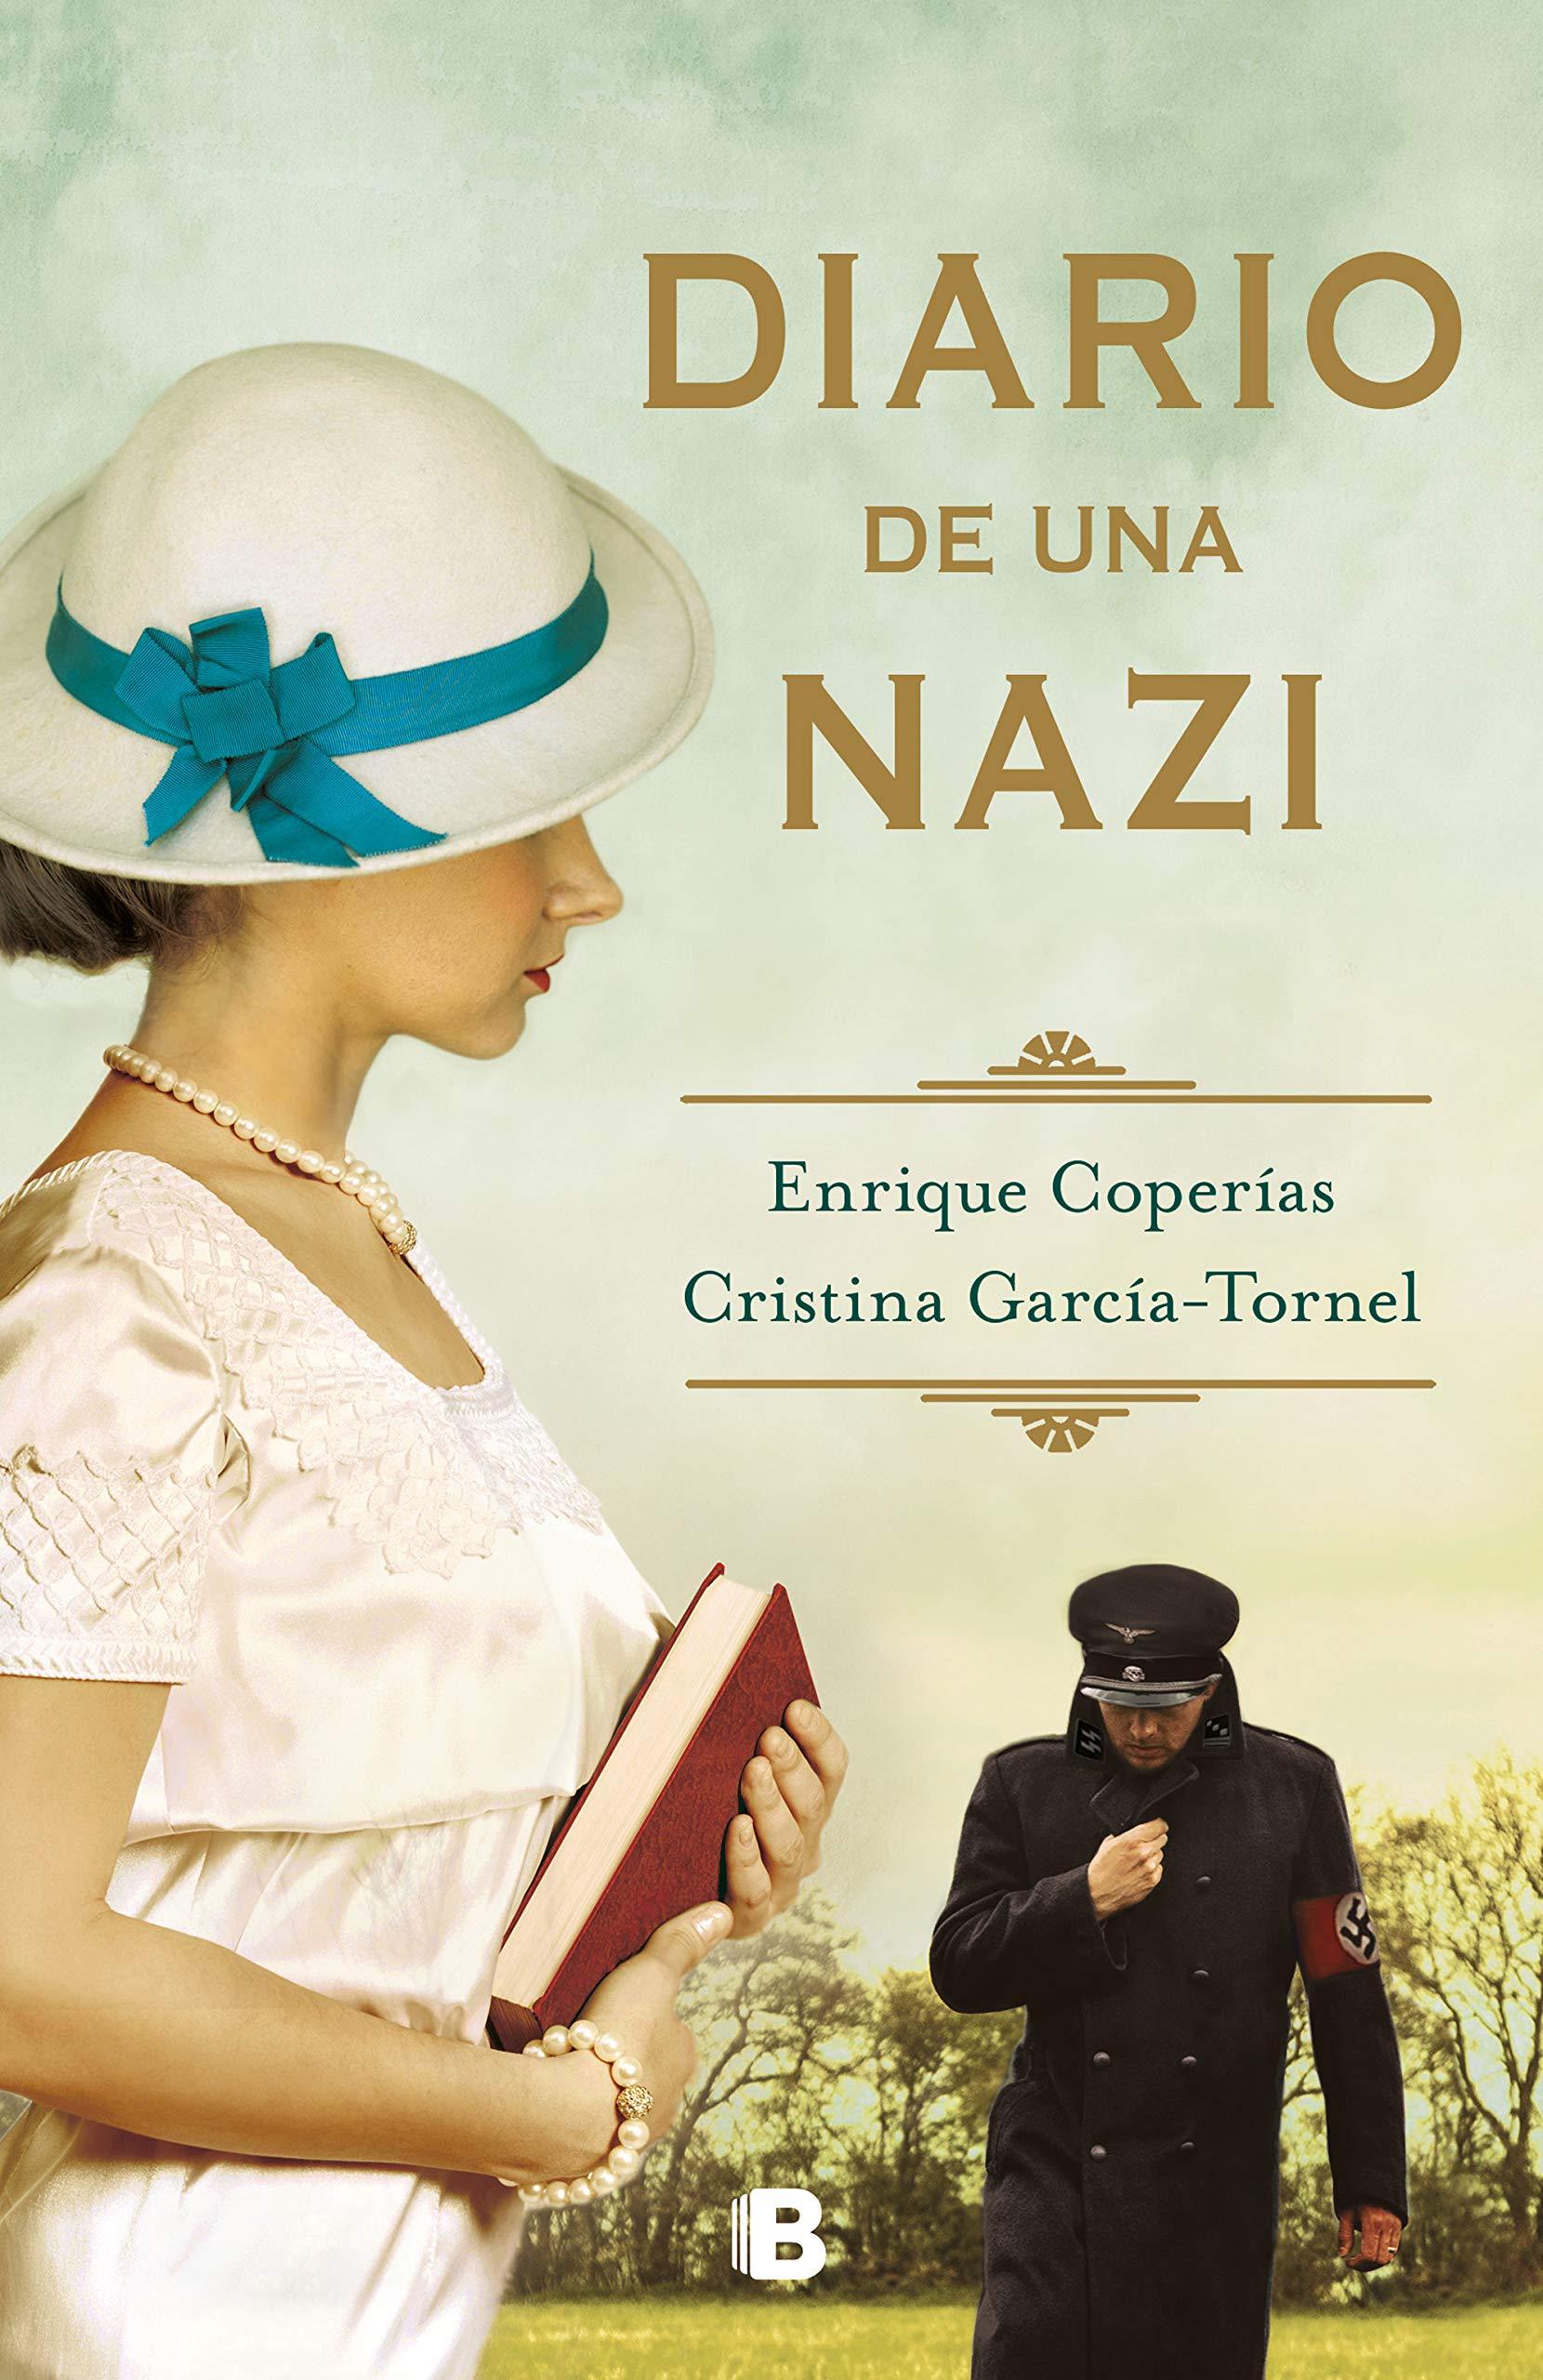 Historia de una nazi, de Enrique Coperías y Cristina García-Tornel